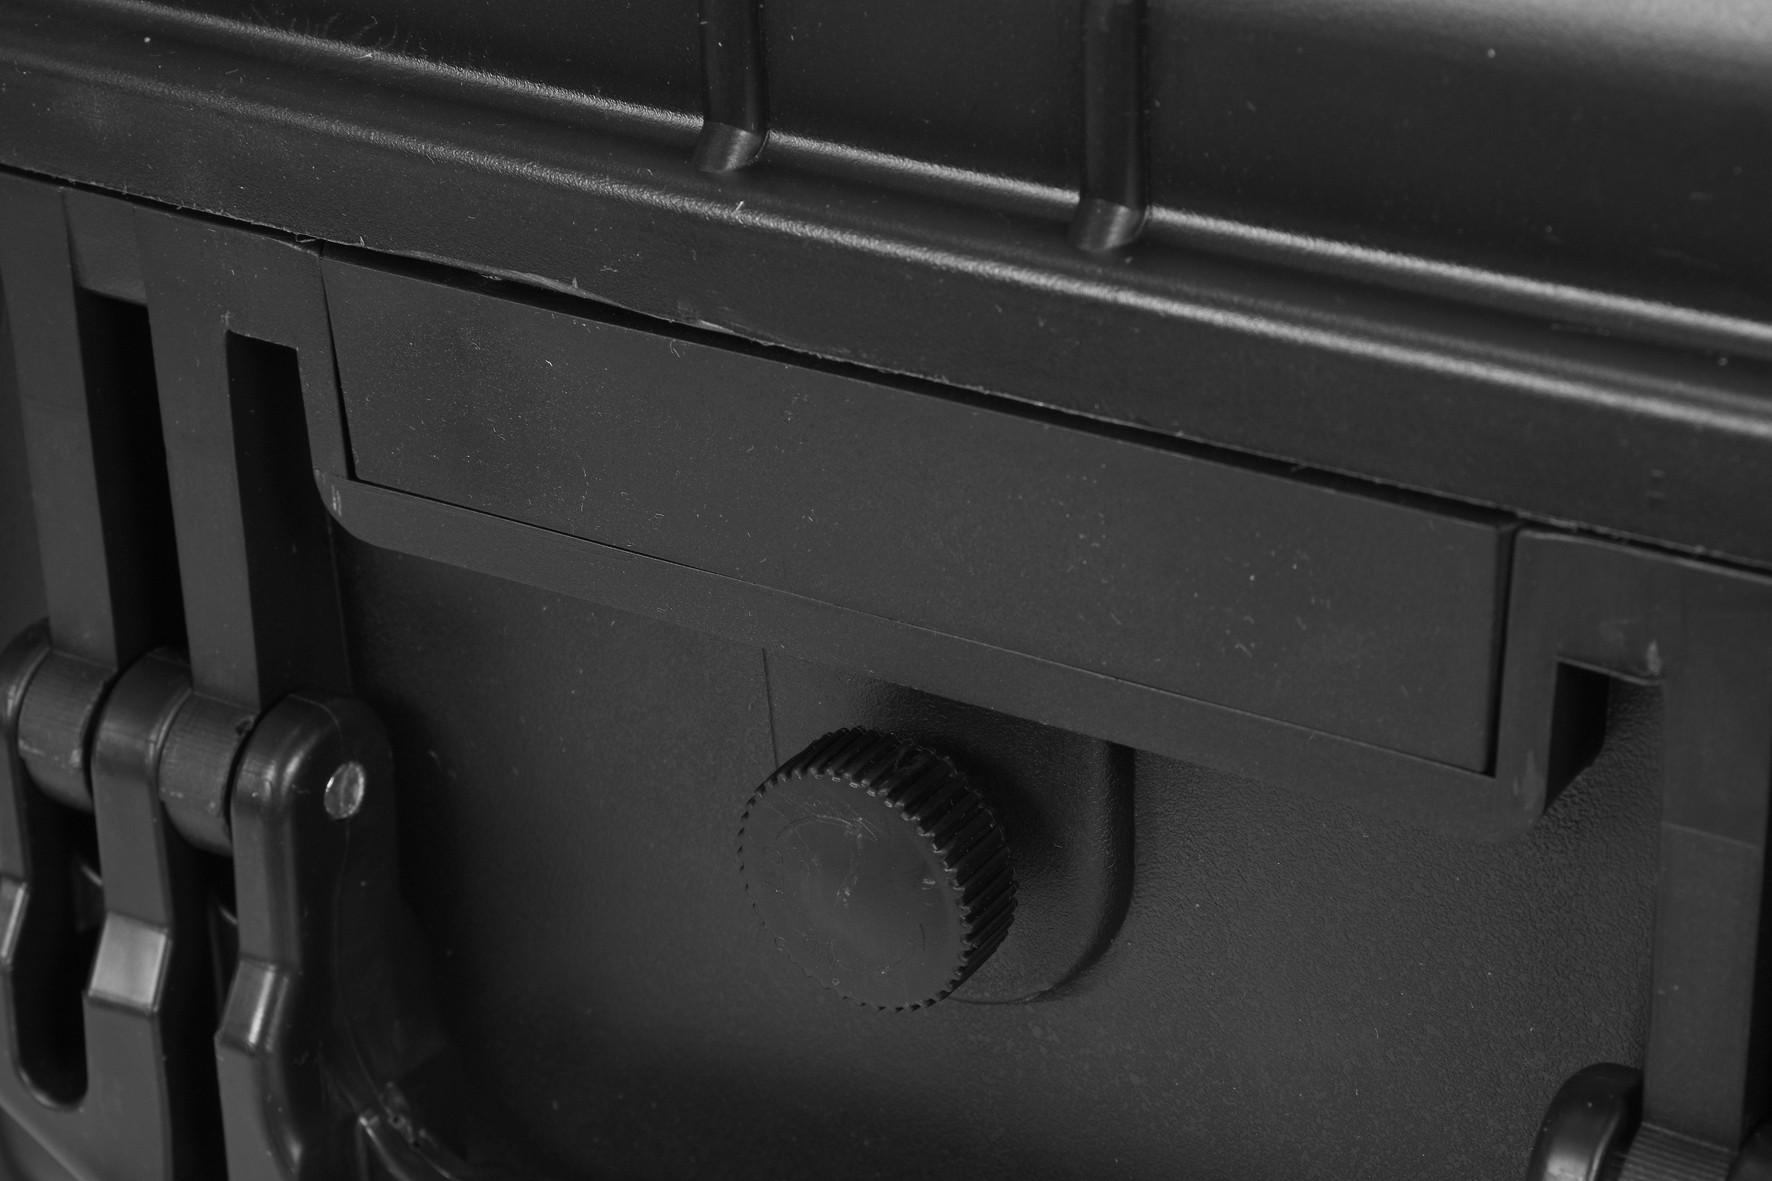 Lagaminas | Atsparus smūgiams, hermetiškas | 232x192x111 mm (YT-08900)